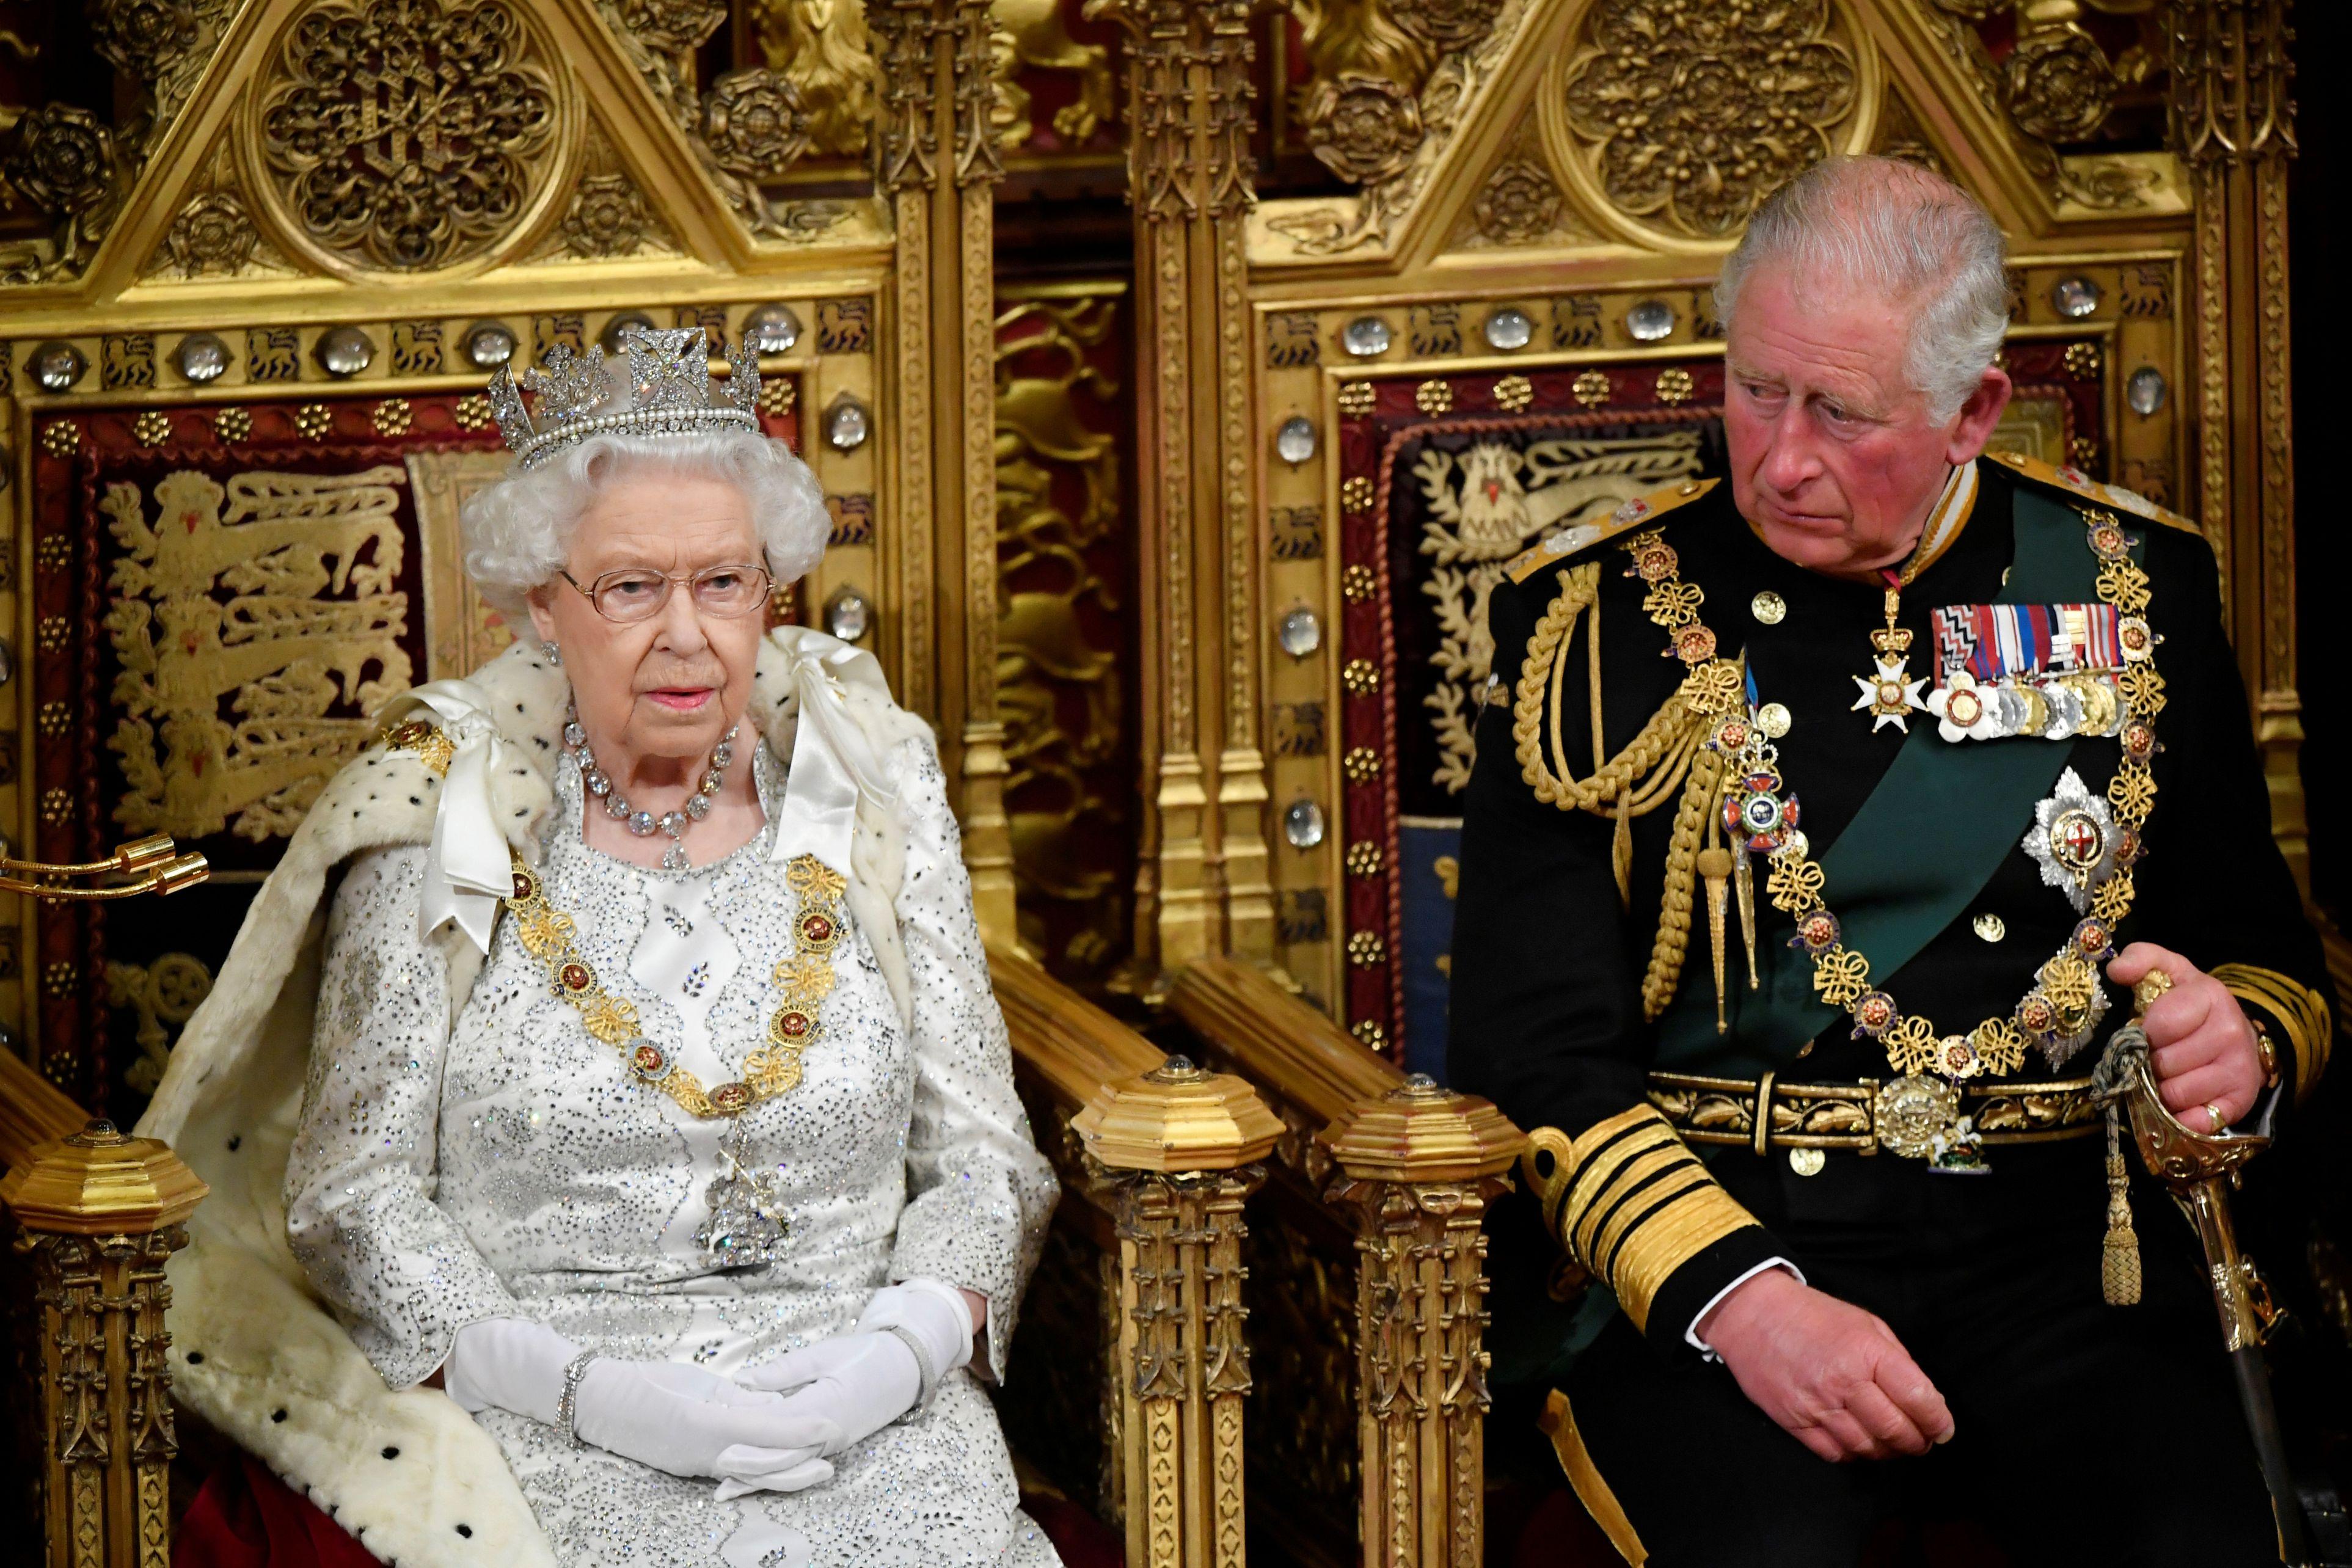 Regina Elisabeta a II-a și fiul ei Prințul Charles, duce de Wales